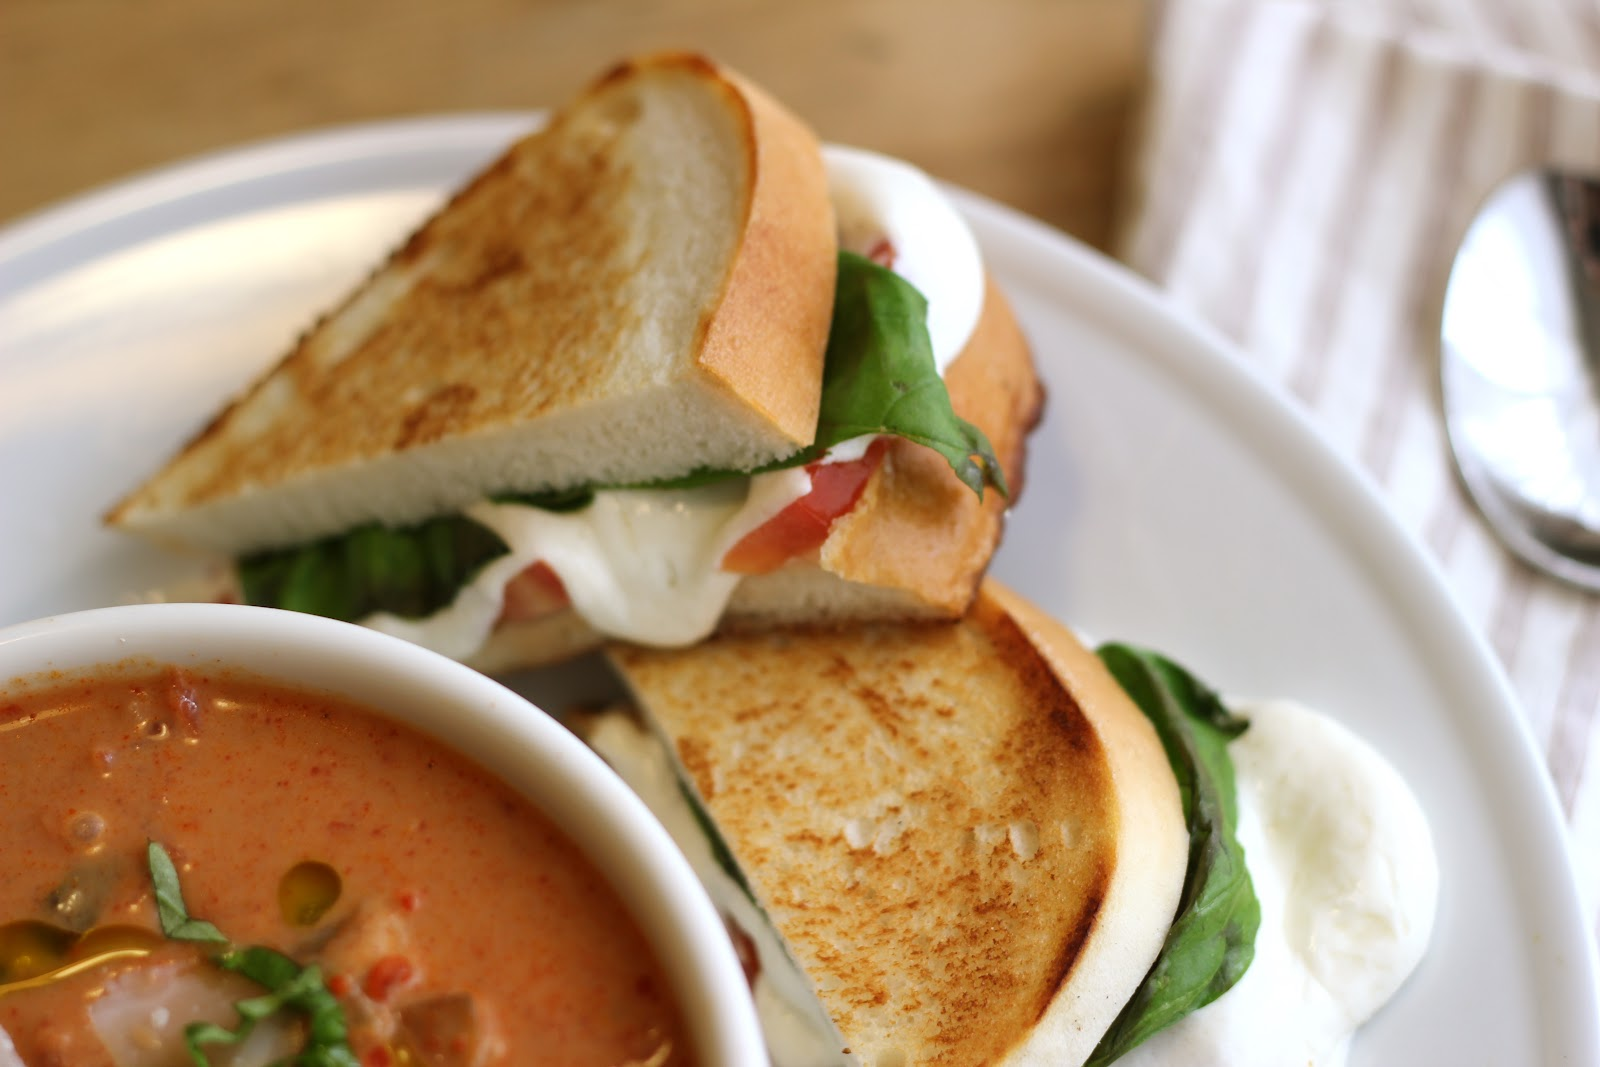 ... Vegetable Cream Soup & Fresh Mozzarella, Tomato & Basil Grilled C...